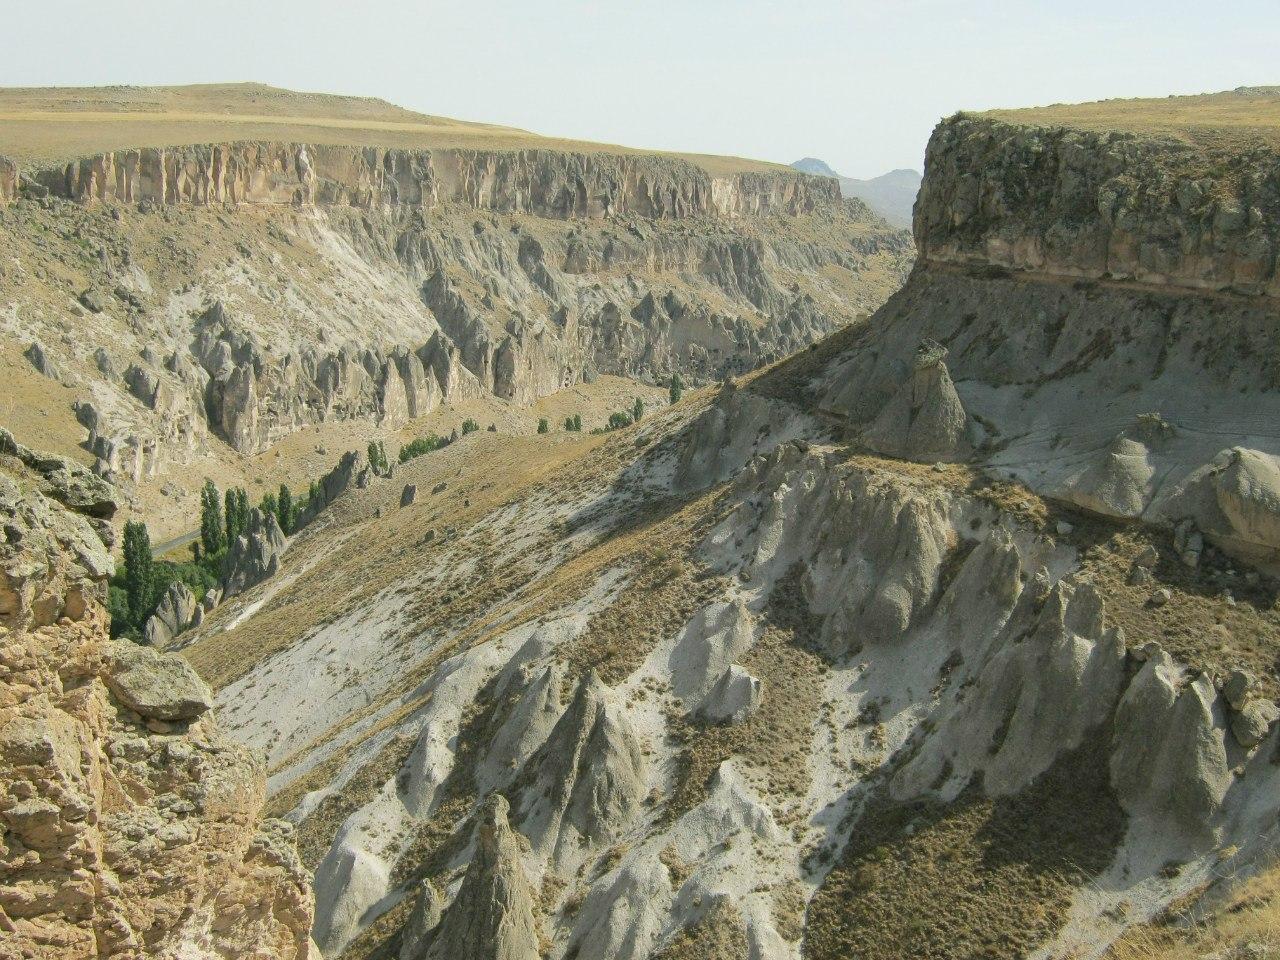 каньоны и долины Каппадокии